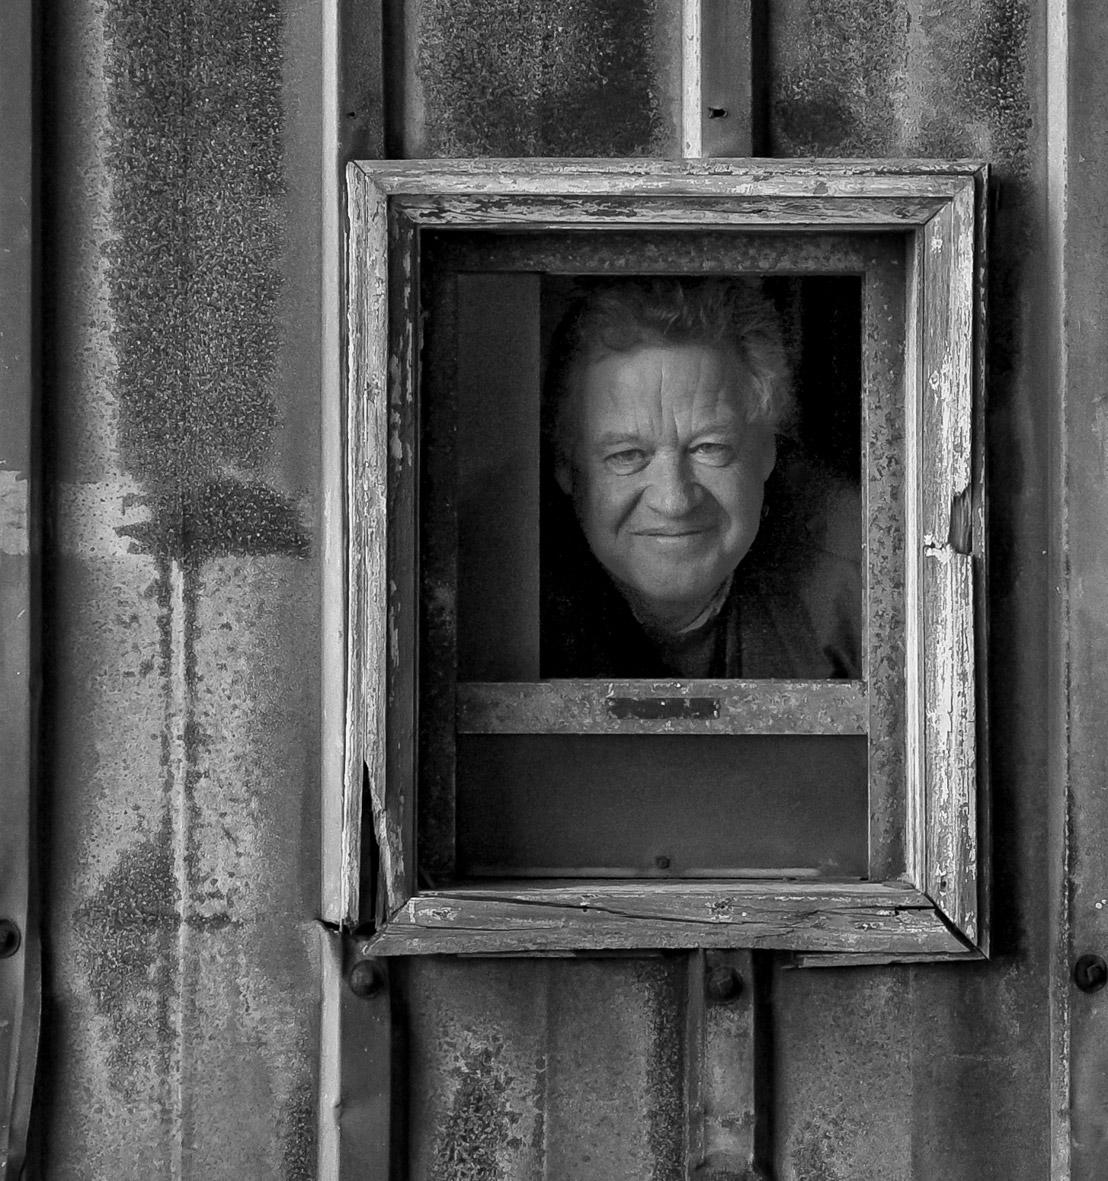 Ernst Schade, schade, photographer, photography, portrait